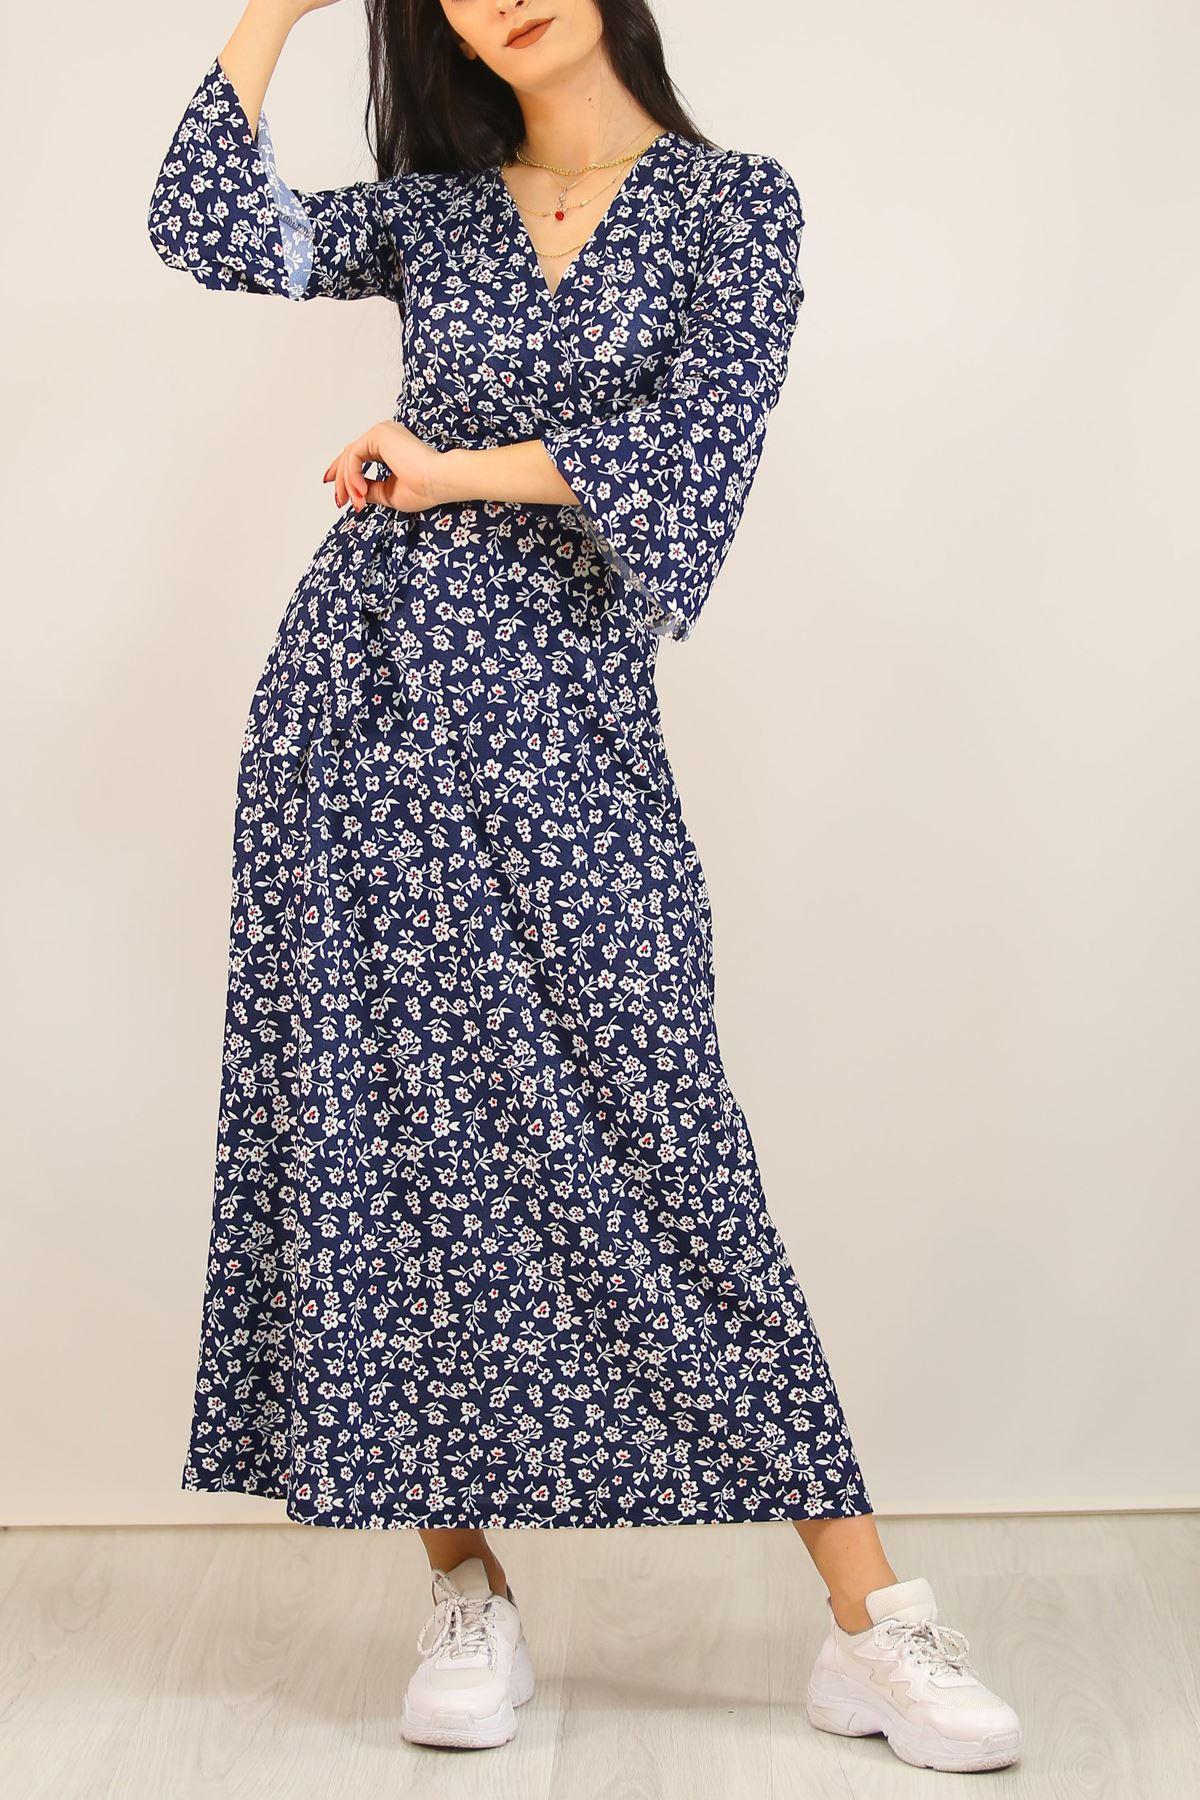 Kemerli Çiçekli Elbise Lacivert - 5073.716.